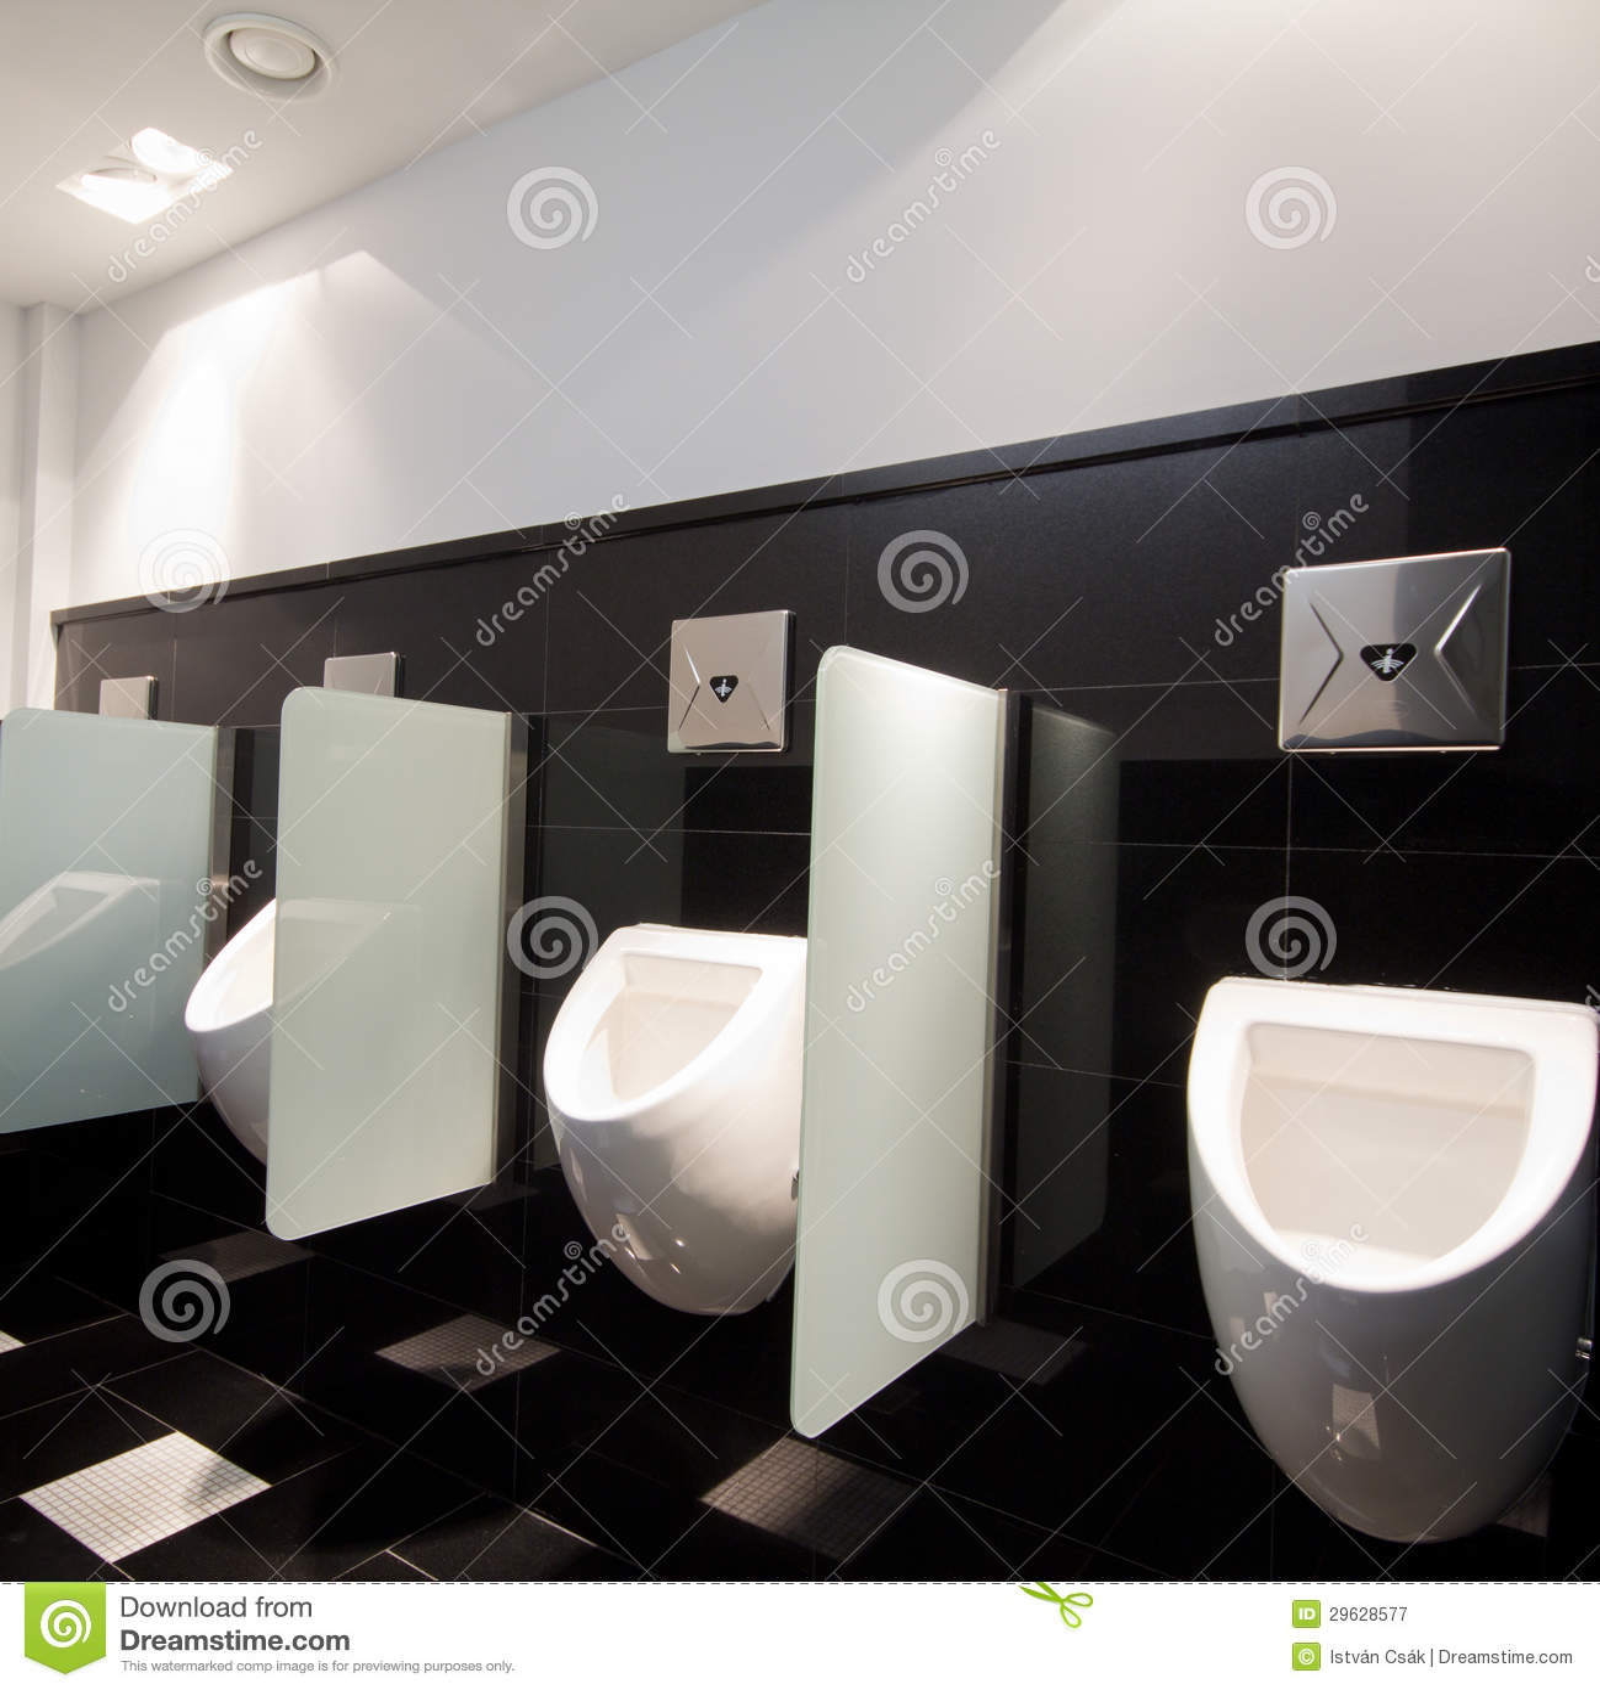 de mensen schone toiletten van het urinoir royalty vrije stock fotografie afbeelding 29628577. Black Bedroom Furniture Sets. Home Design Ideas